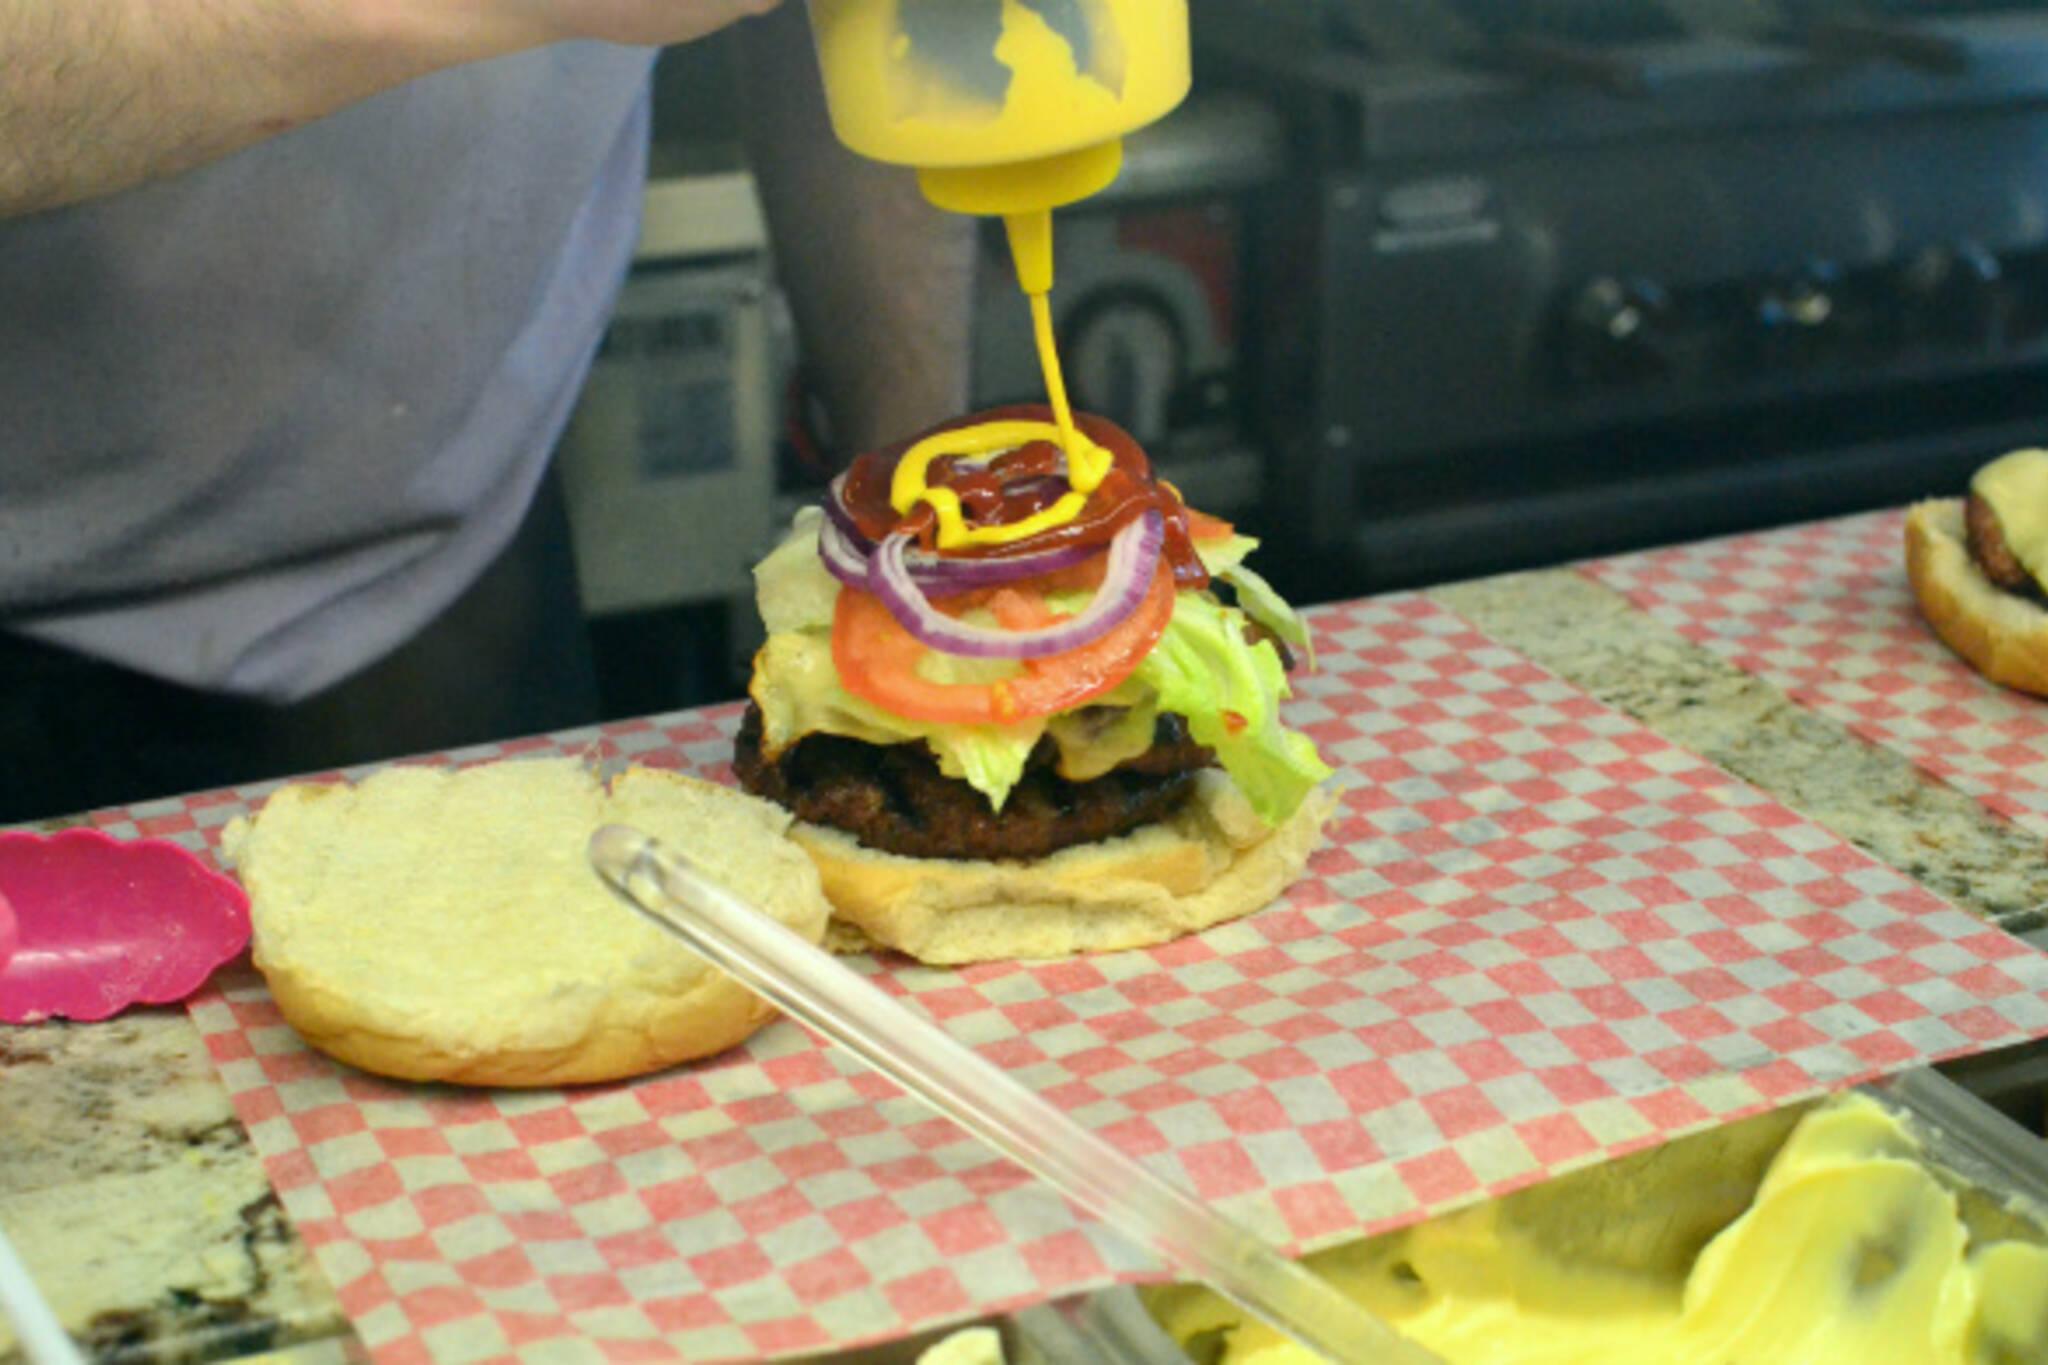 Tat burger